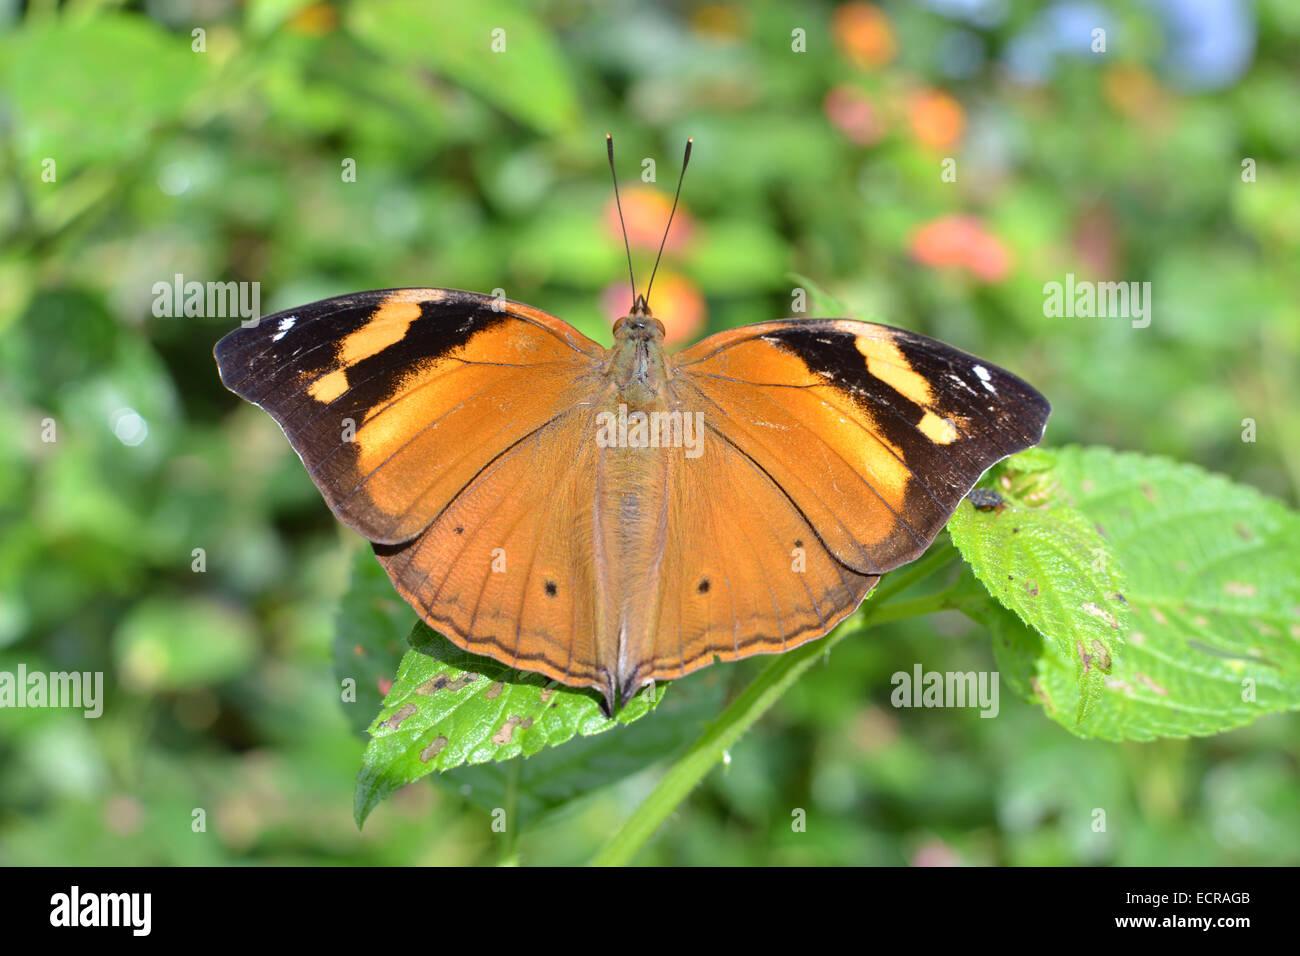 Brown wild butterfly diffusione è ali su di un impianto Immagini Stock